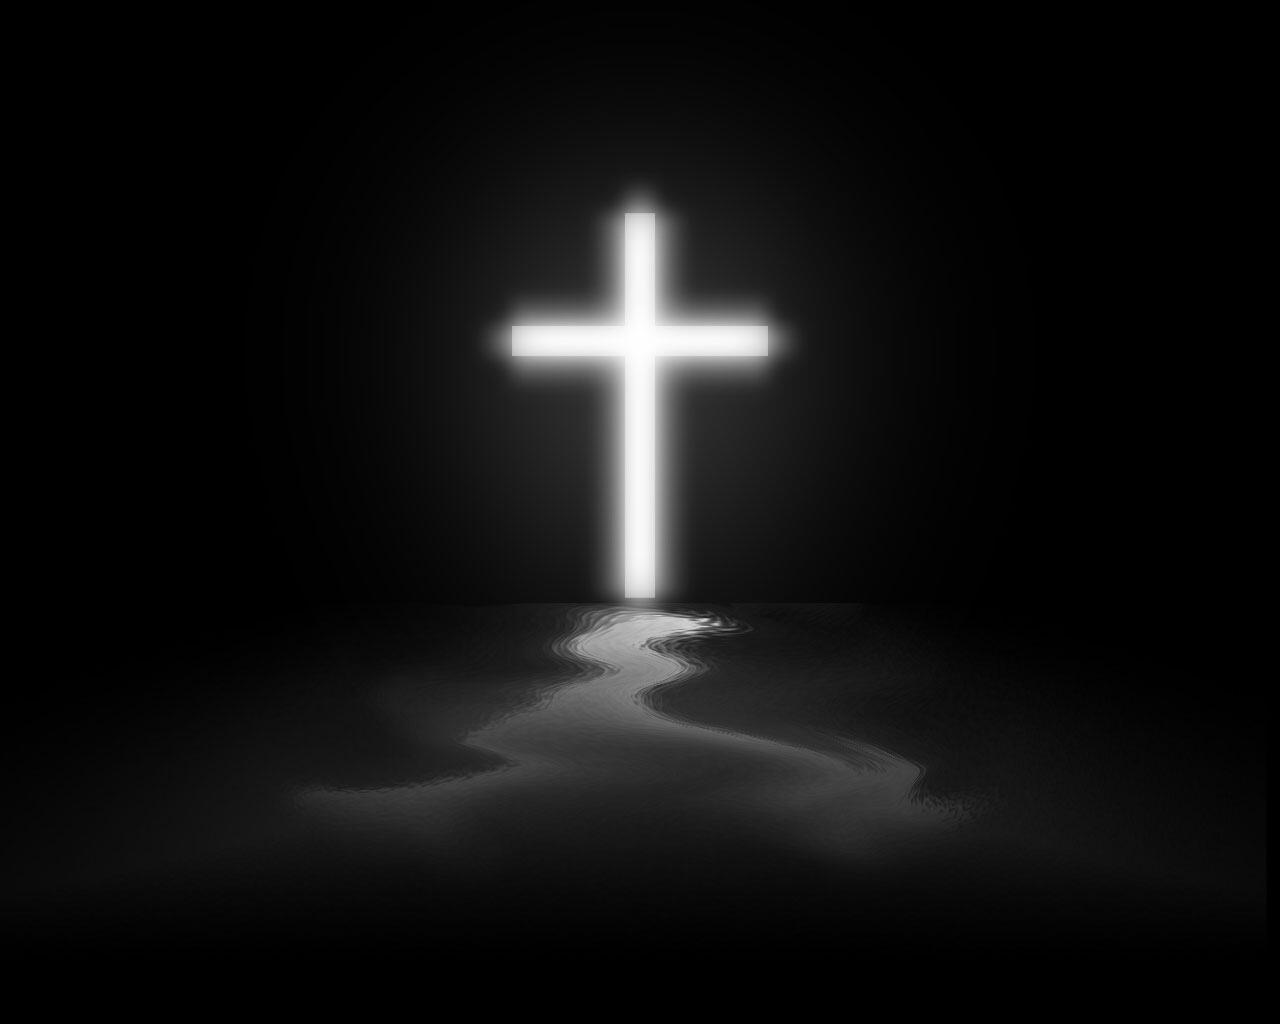 手绘十字架桌面壁纸